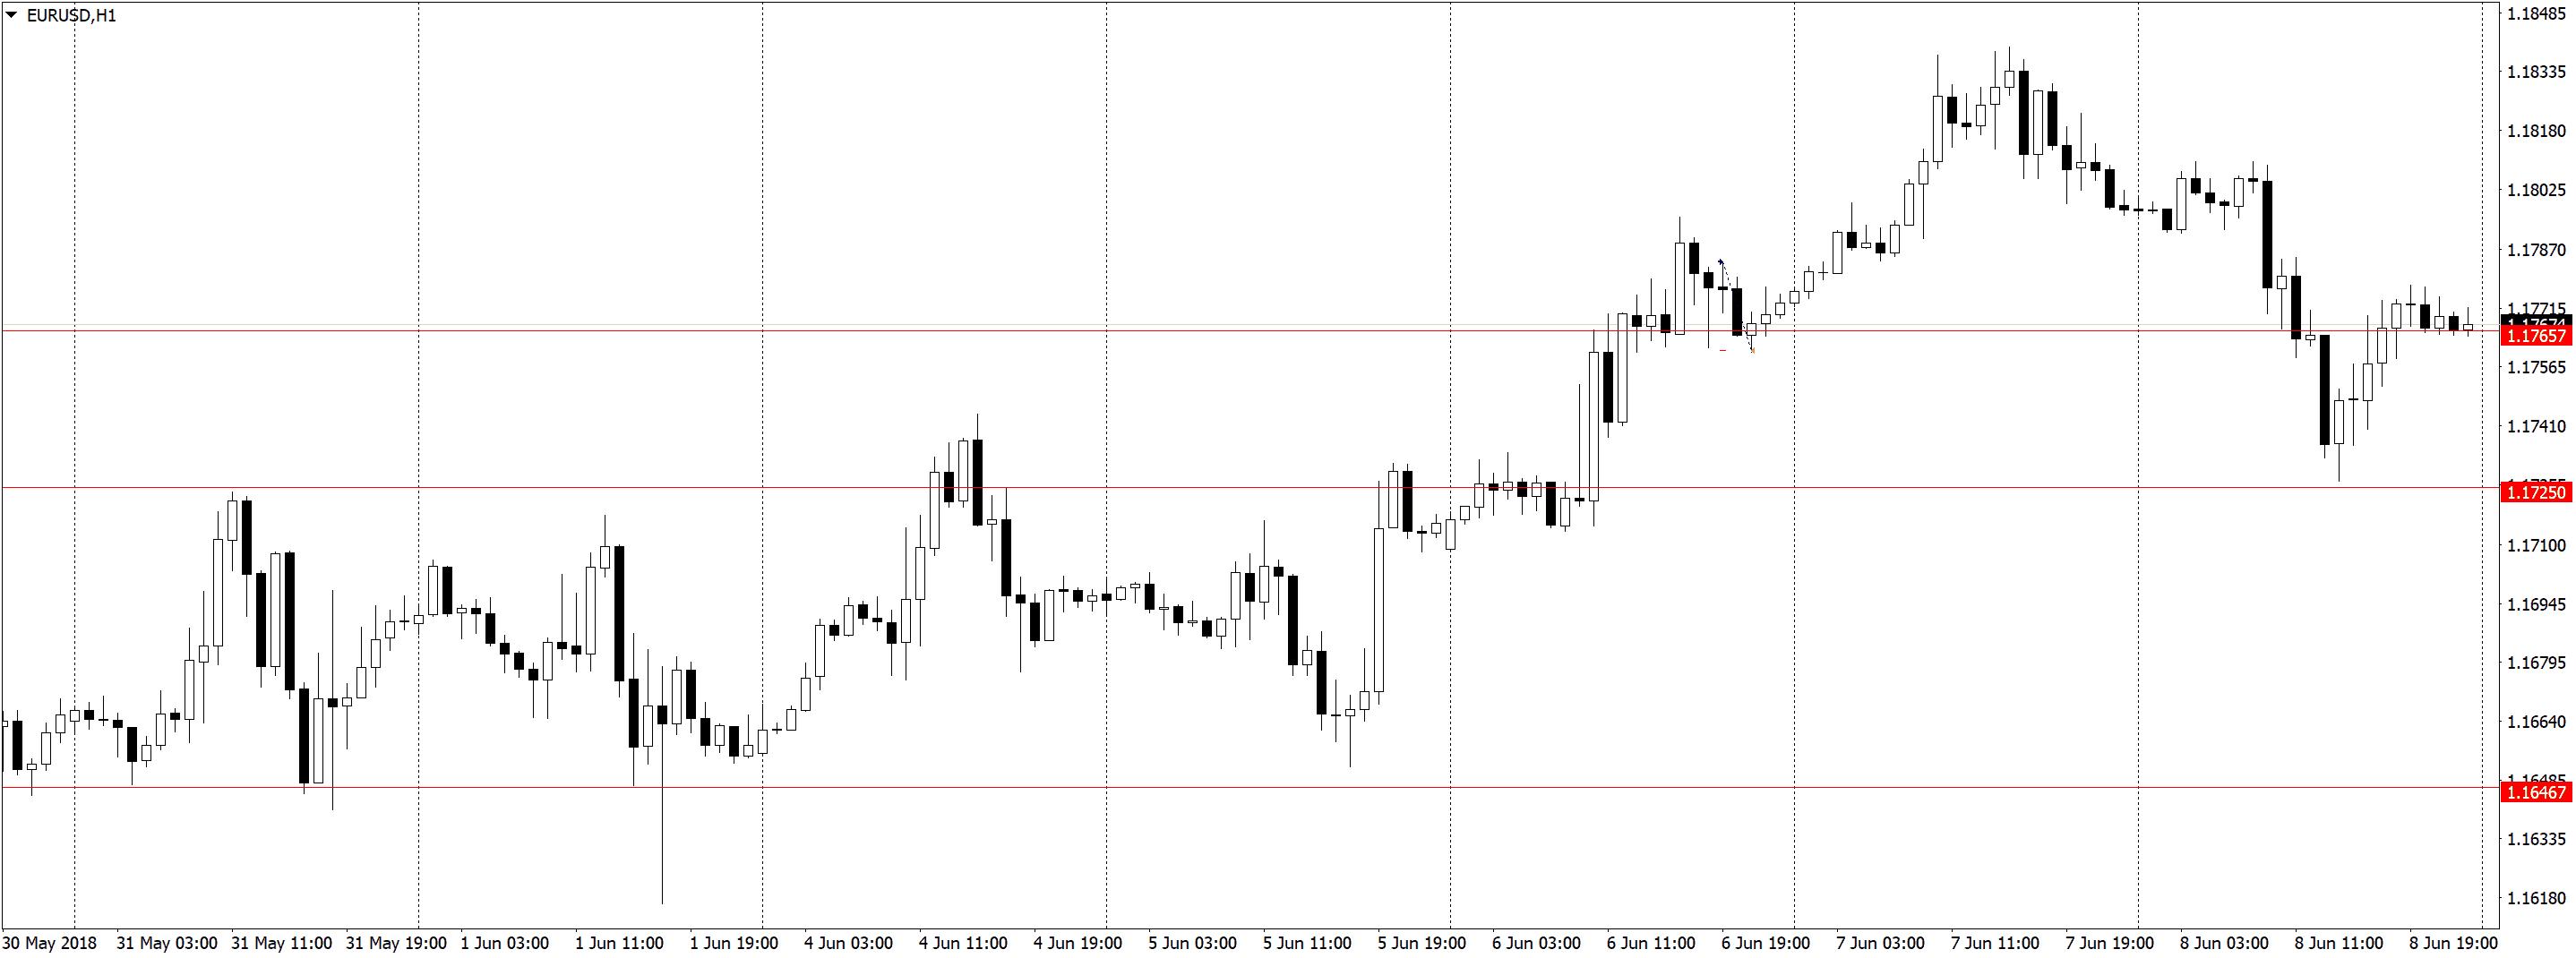 EURUSDH1 3 Торговля по H1, трейдинг в удовольствие, три состояния рынка